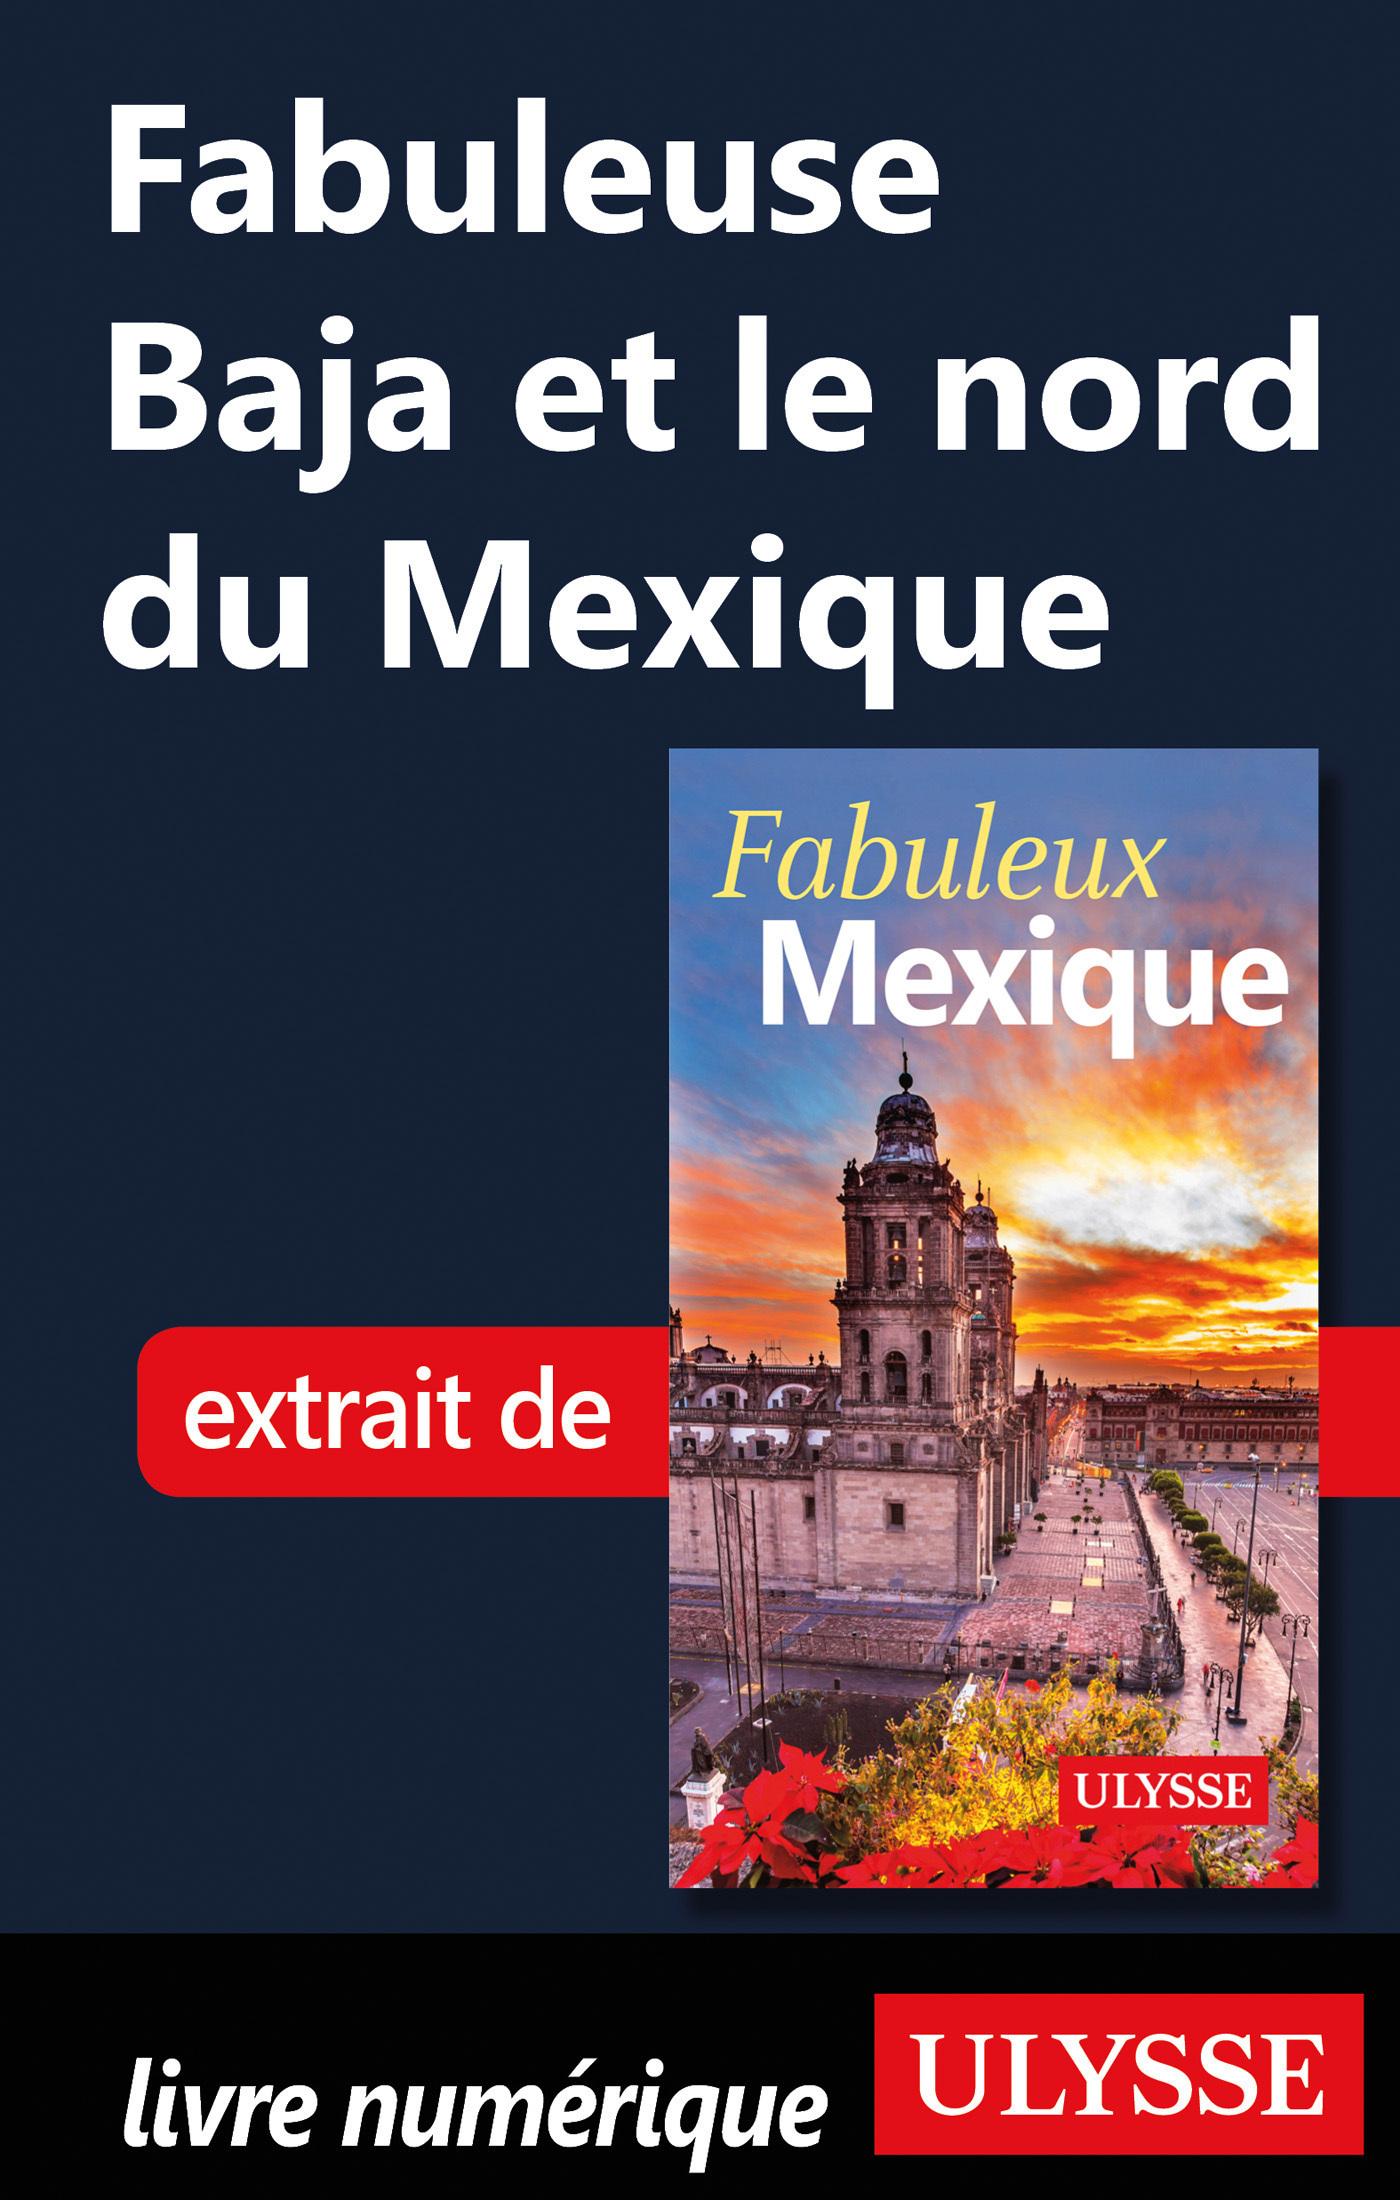 Fabuleuse Baja et le nord du Mexique